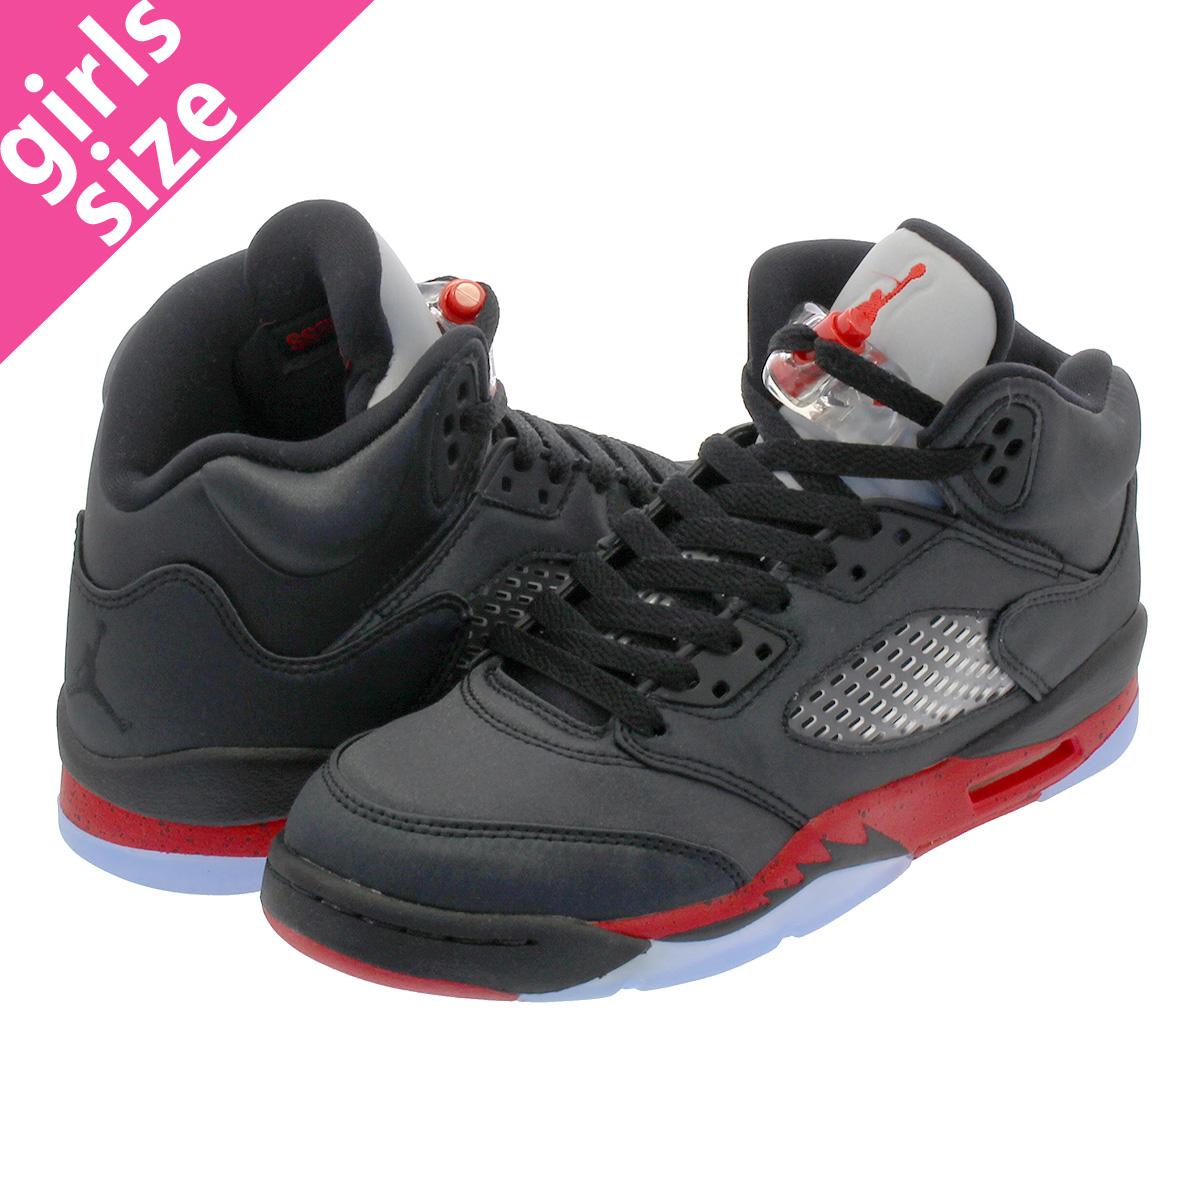 17499b0b5aa8 NIKE AIR JORDAN 5 RETRO GS Nike Air Jordan 5 nostalgic GS BLACK UNIVERSITY  RED 440